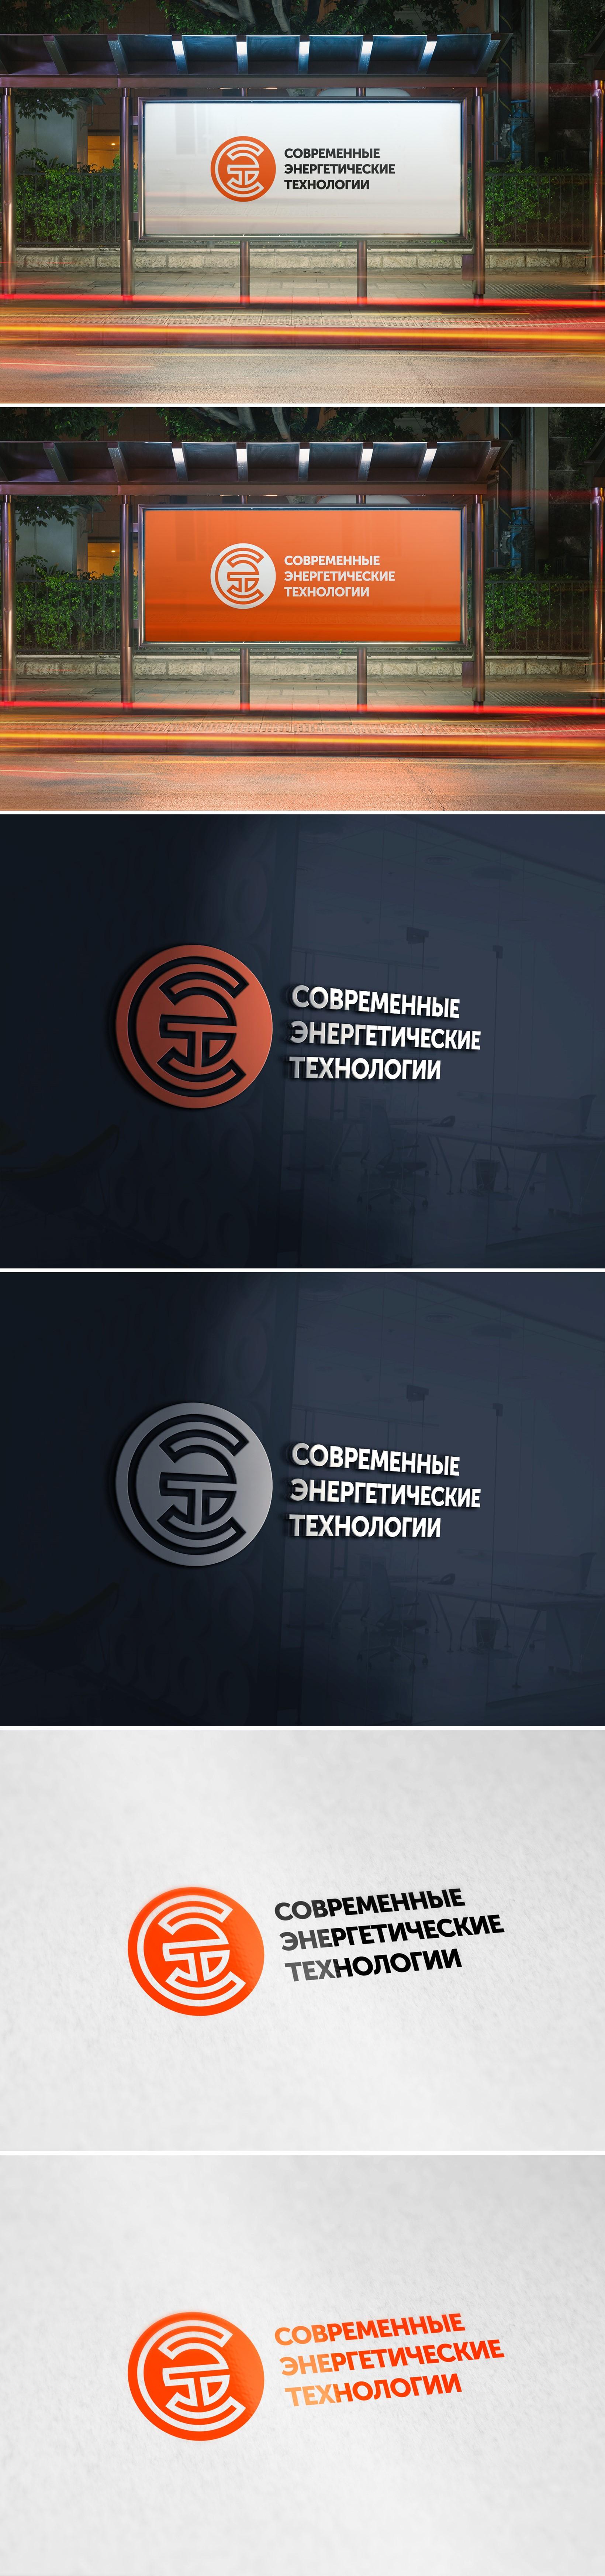 Срочно! Дизайн логотипа ООО «СЭТ» фото f_3045d4bb5b25f0d3.jpg